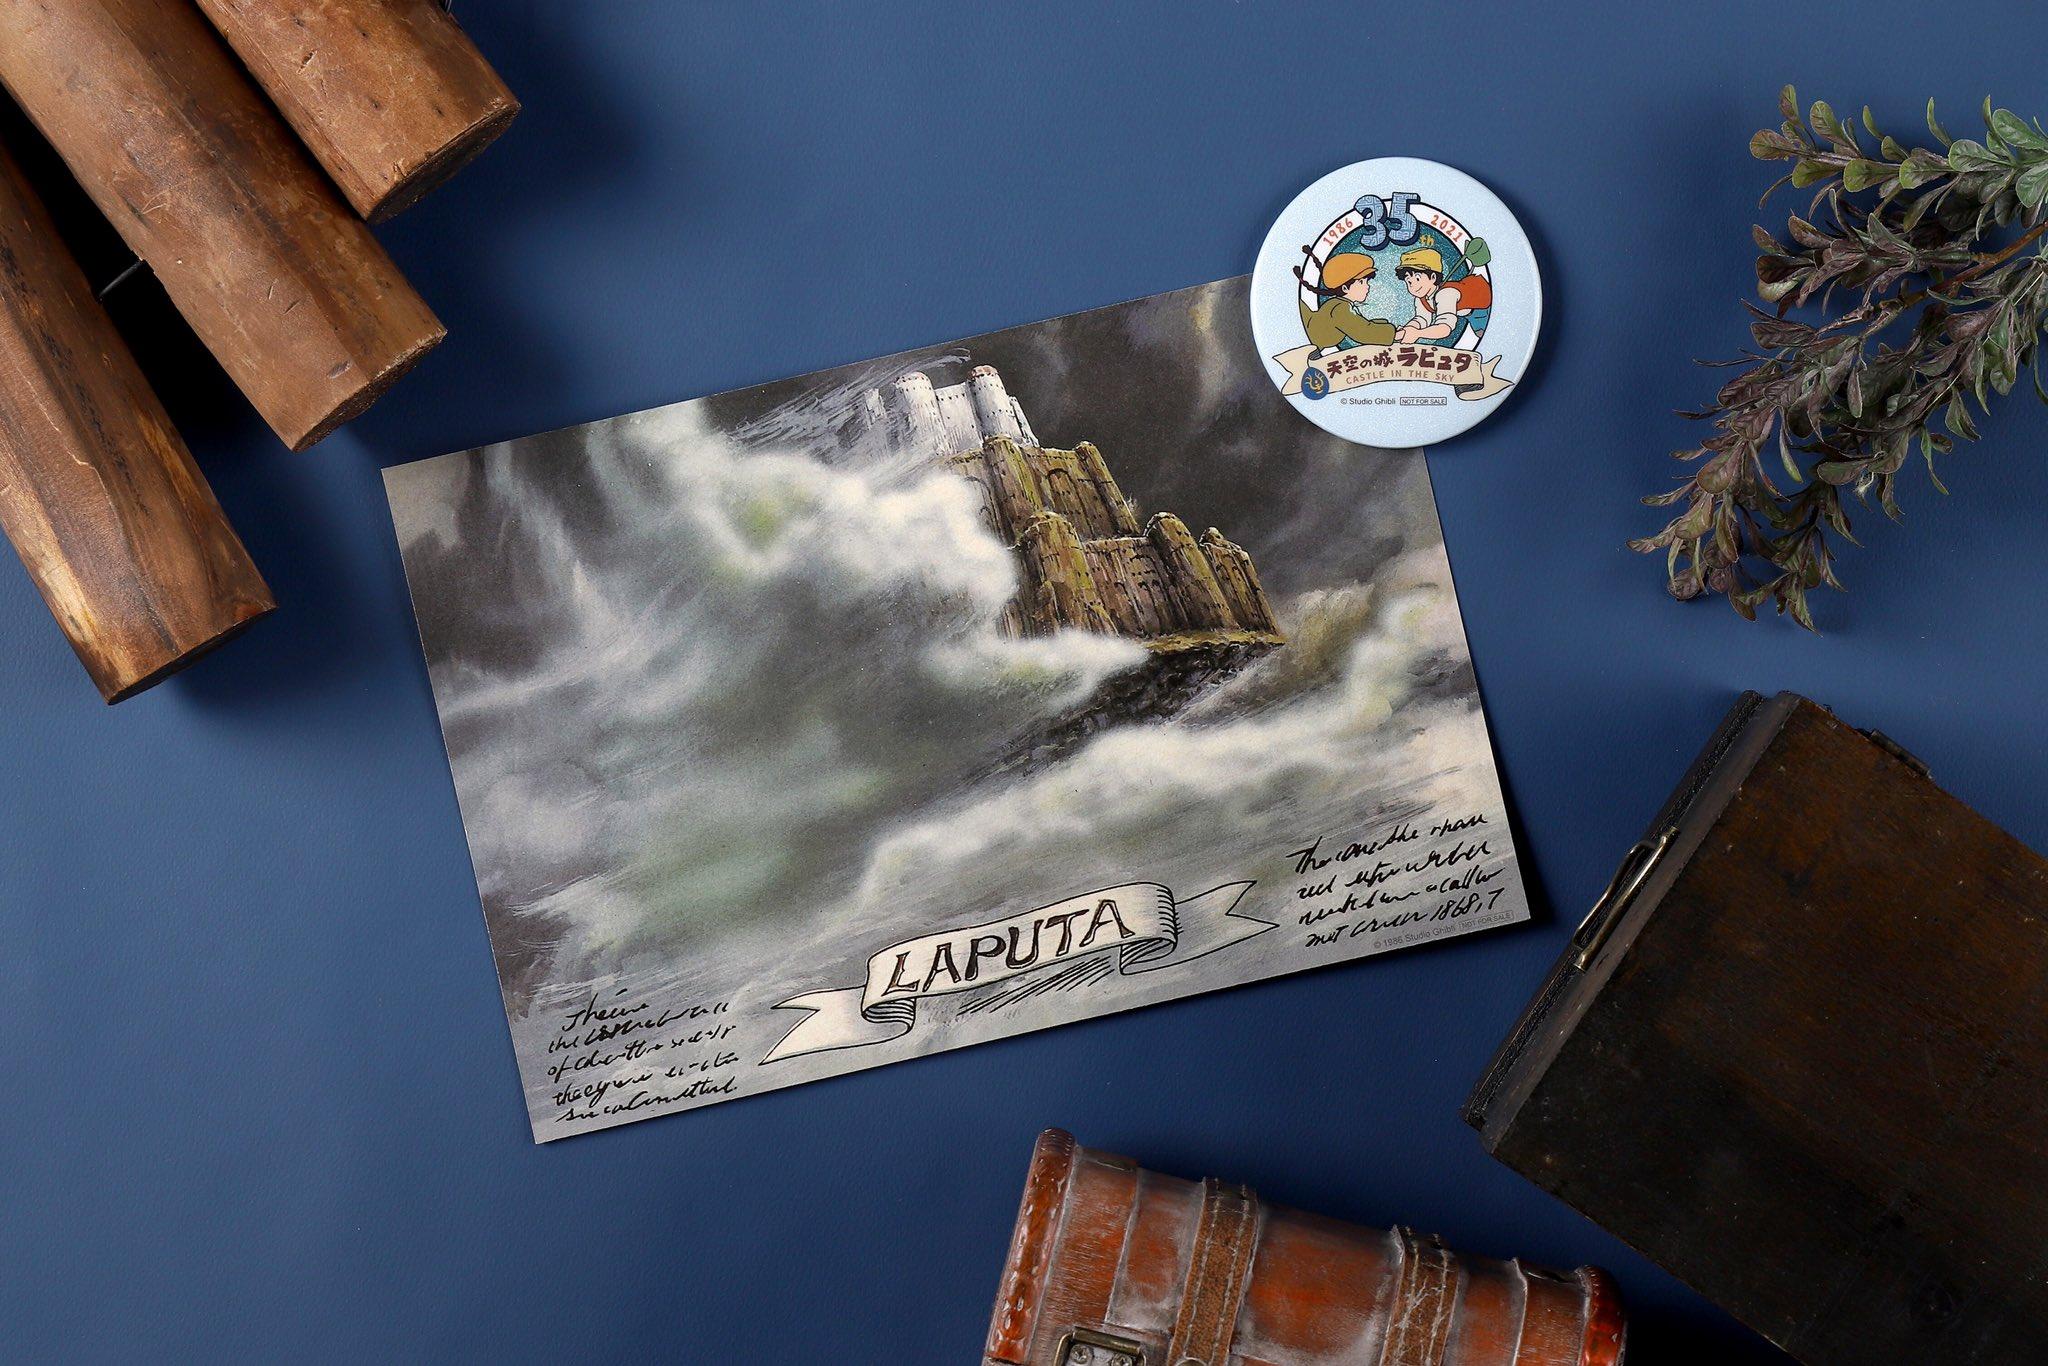 パズーの部屋に飾られているラピュタ城の写真風ポスター35周年記念ロゴの缶ミラー